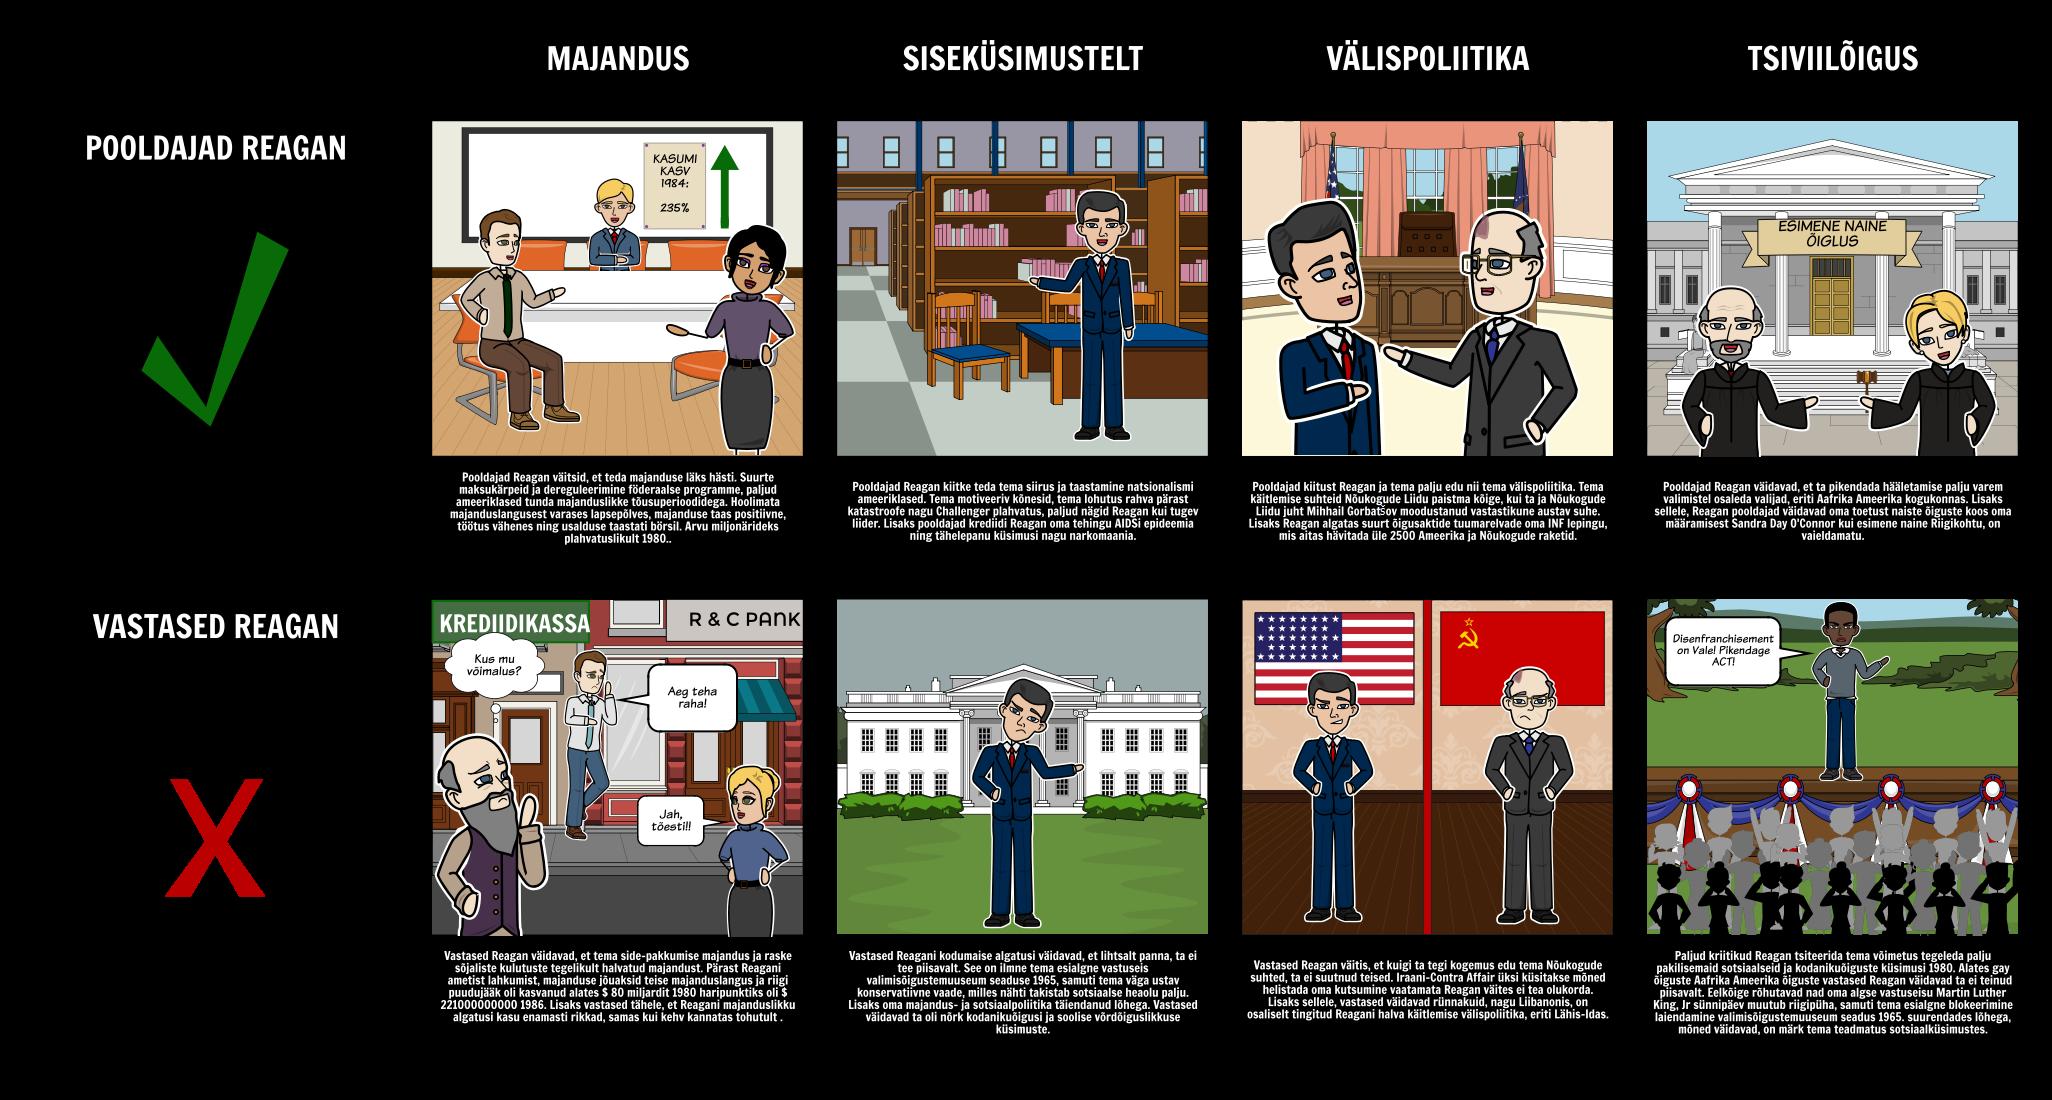 Reagan Eesistujariik - Pooldaja ja Oponent Viewpoints